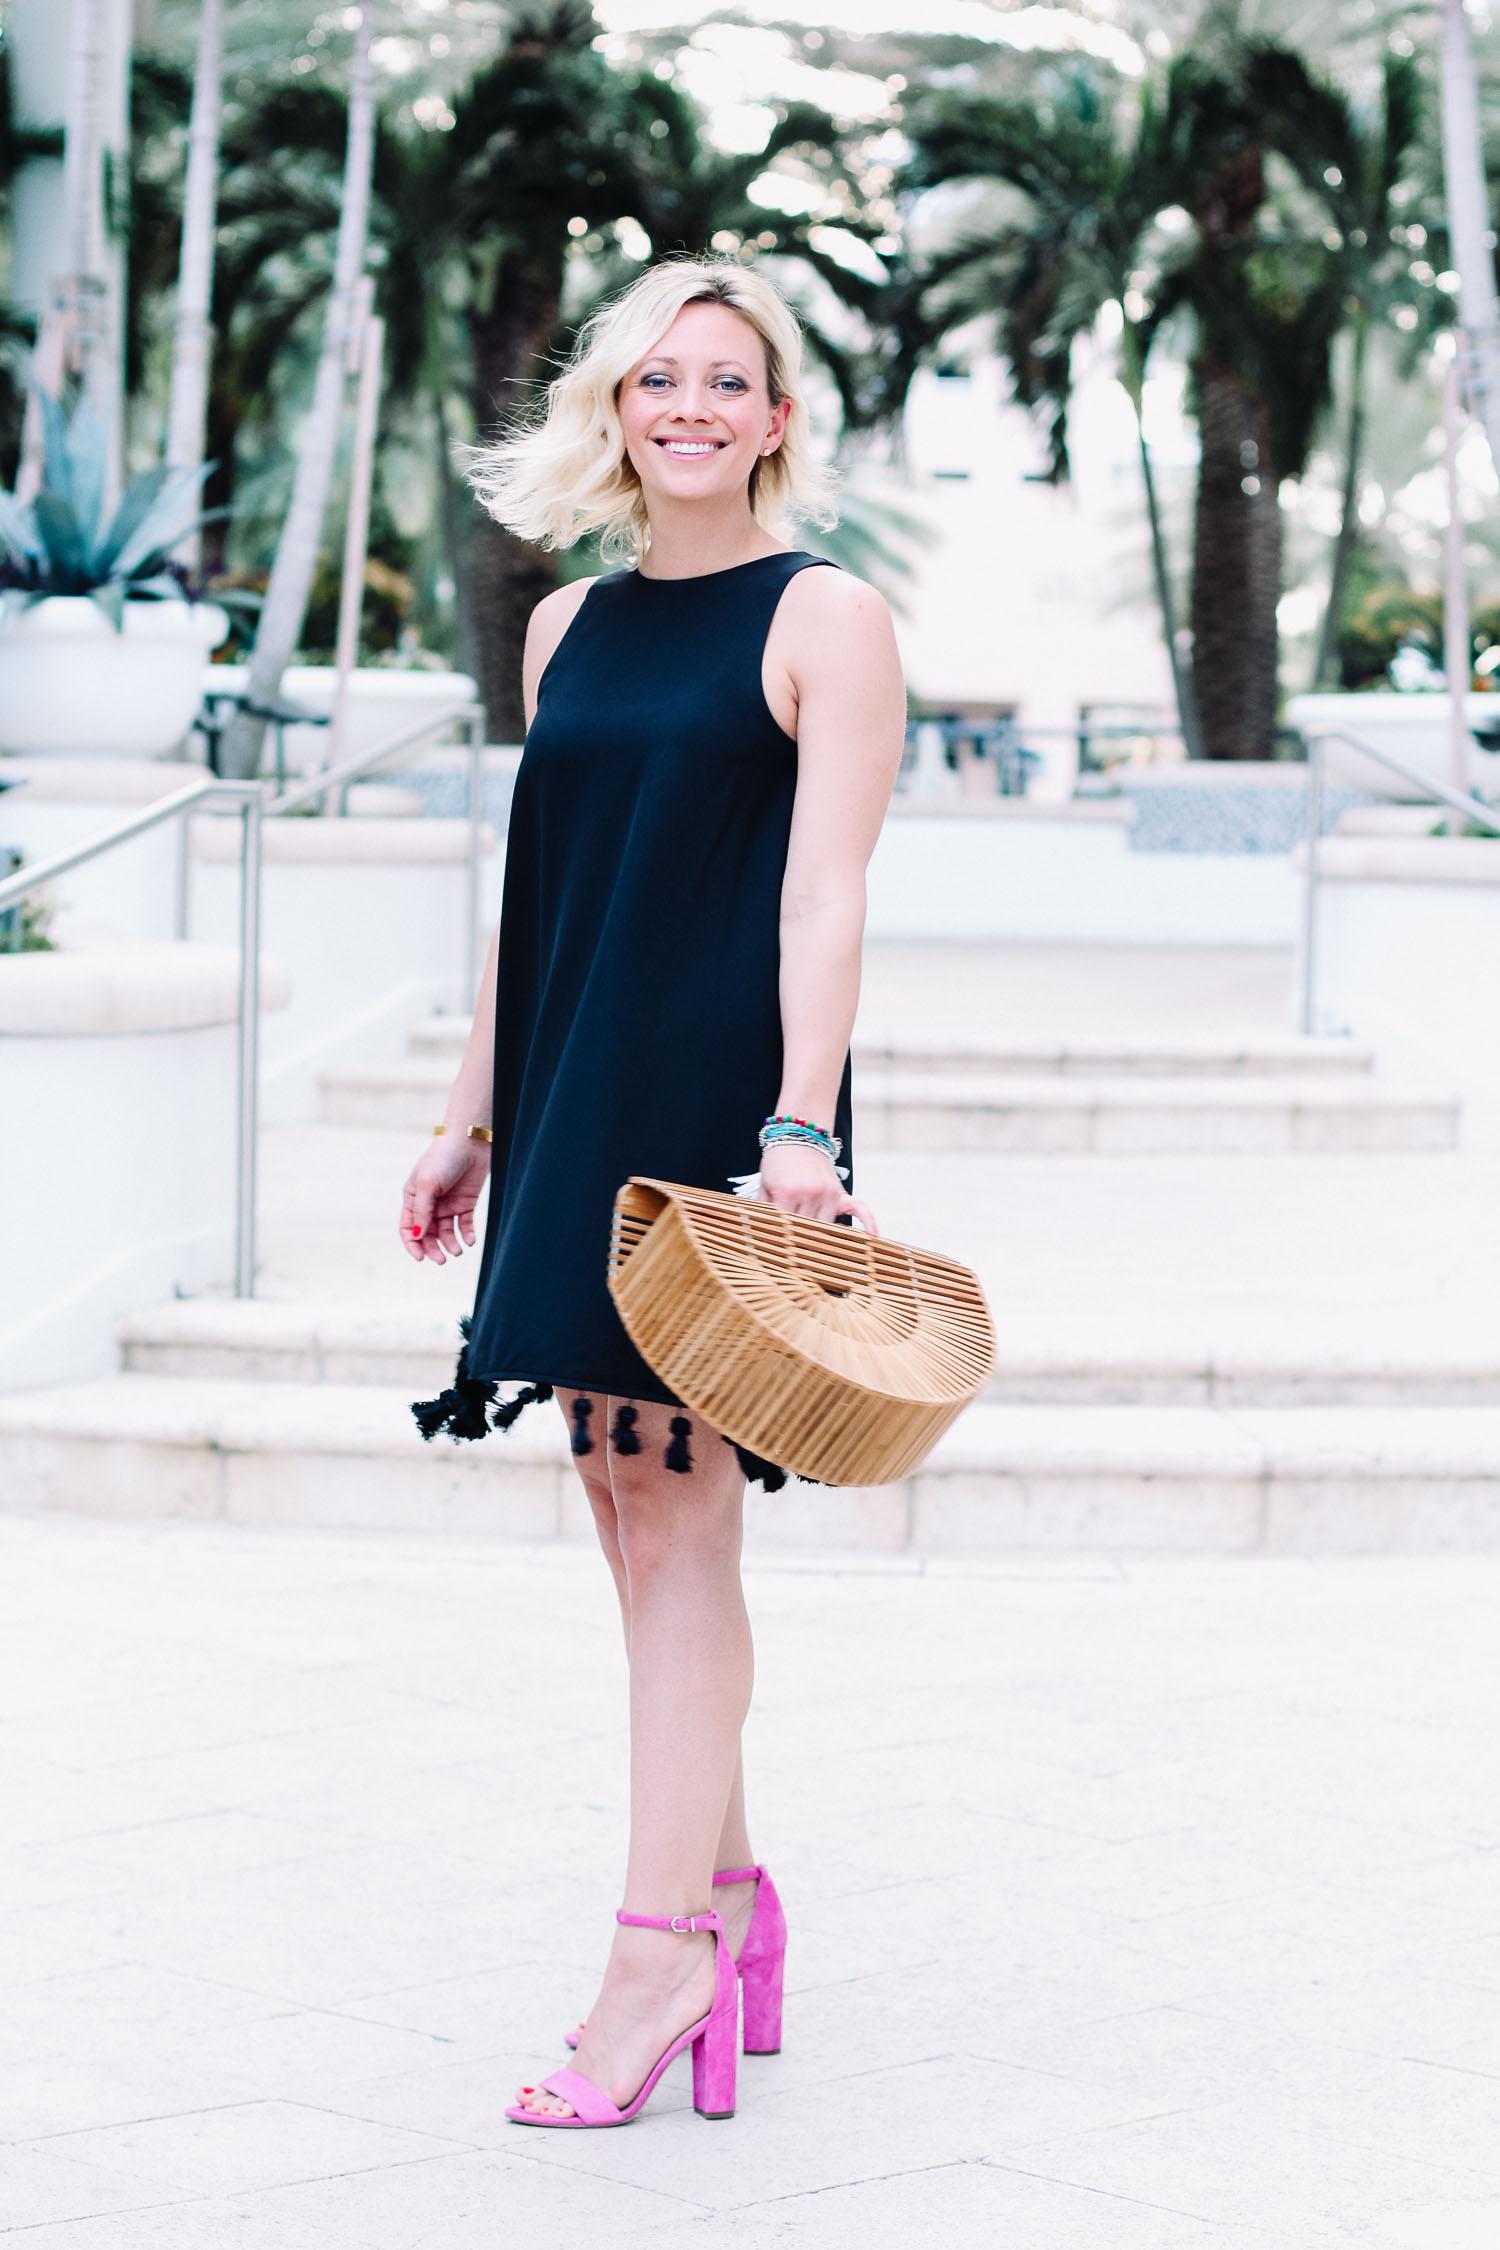 twirling in endless rose sleeveless black dress